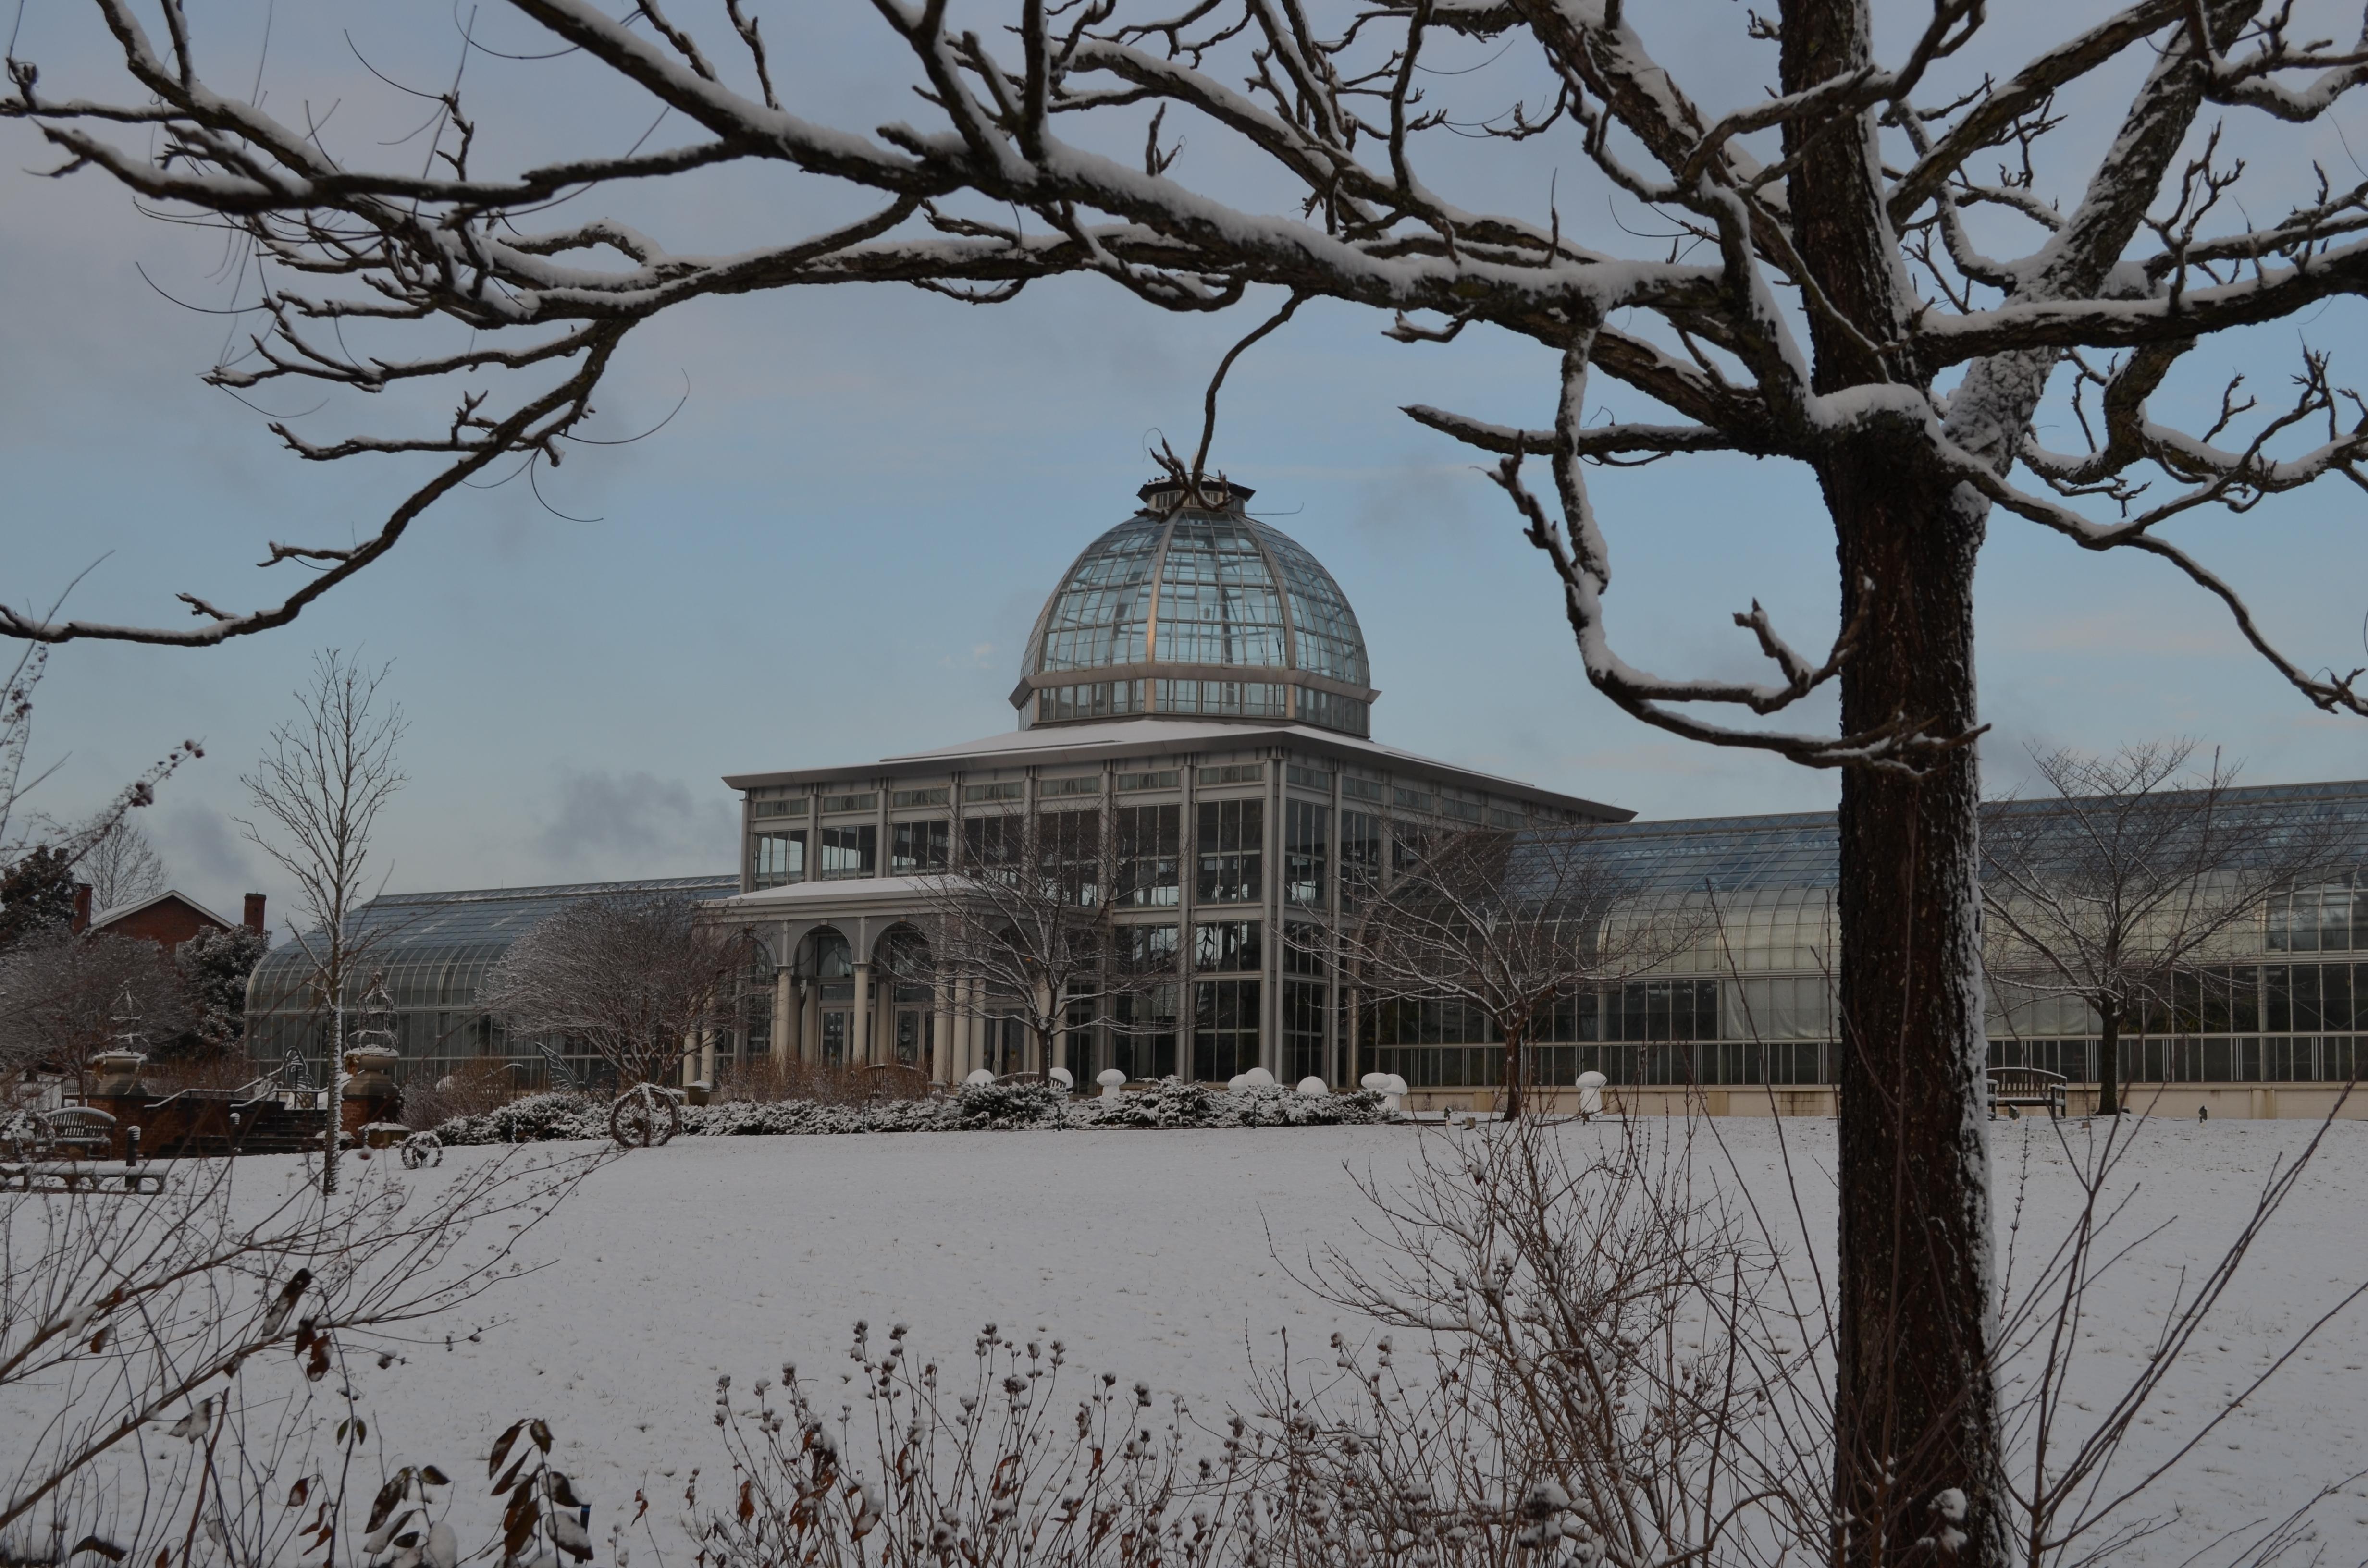 Winter Wonderland At Lewis Ginter Botanical Garden Lewis Ginter Botanical Garden